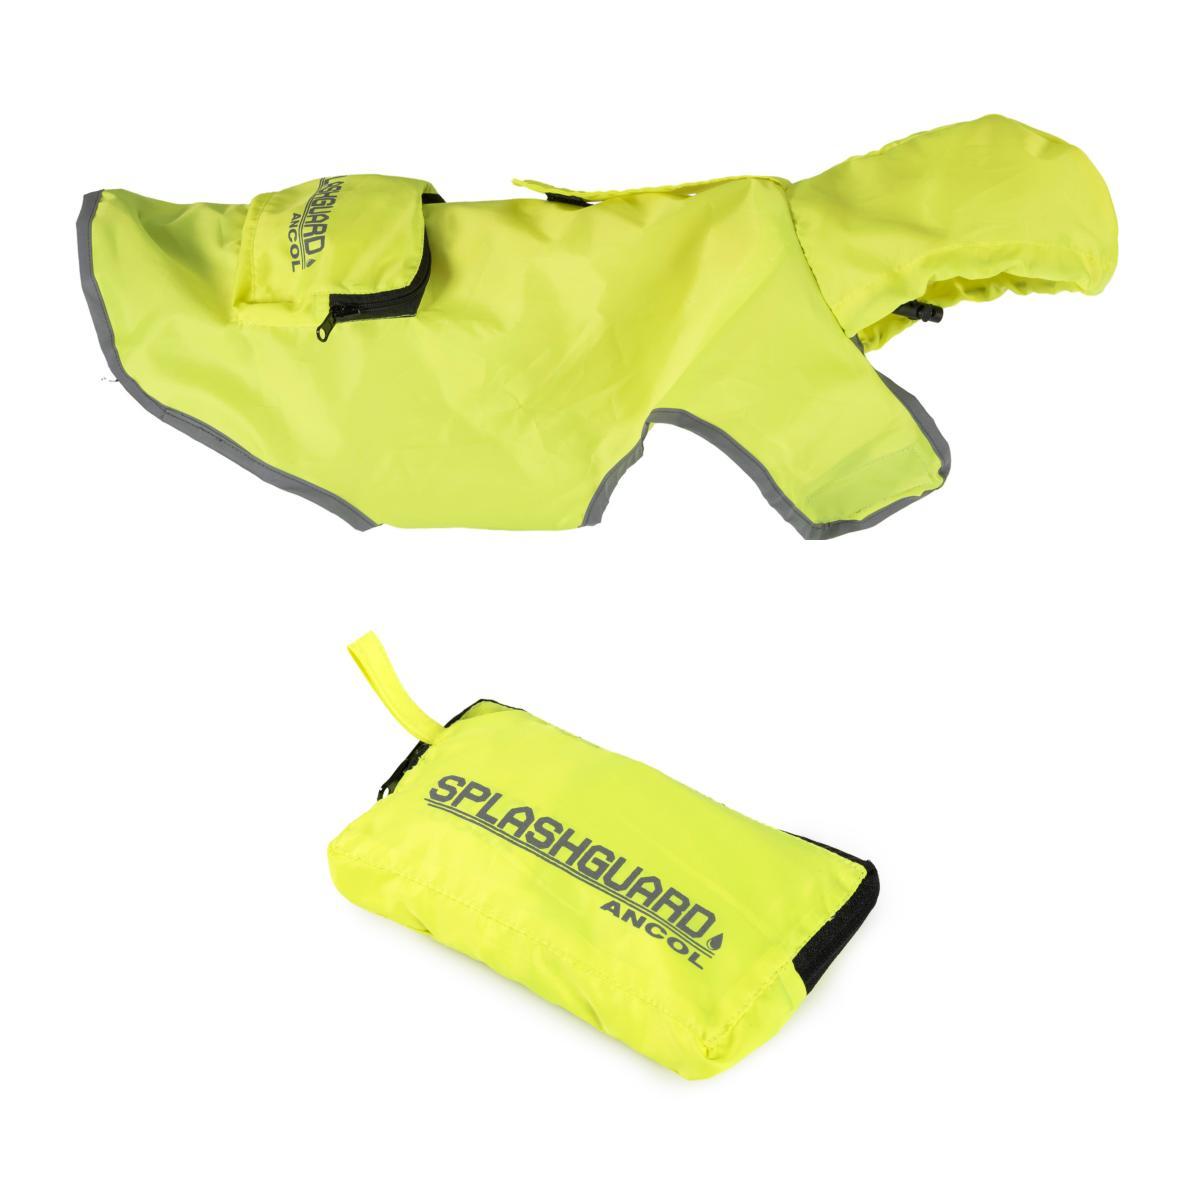 ANCOL Muddy Paws Splashguard Waterproof Jacket